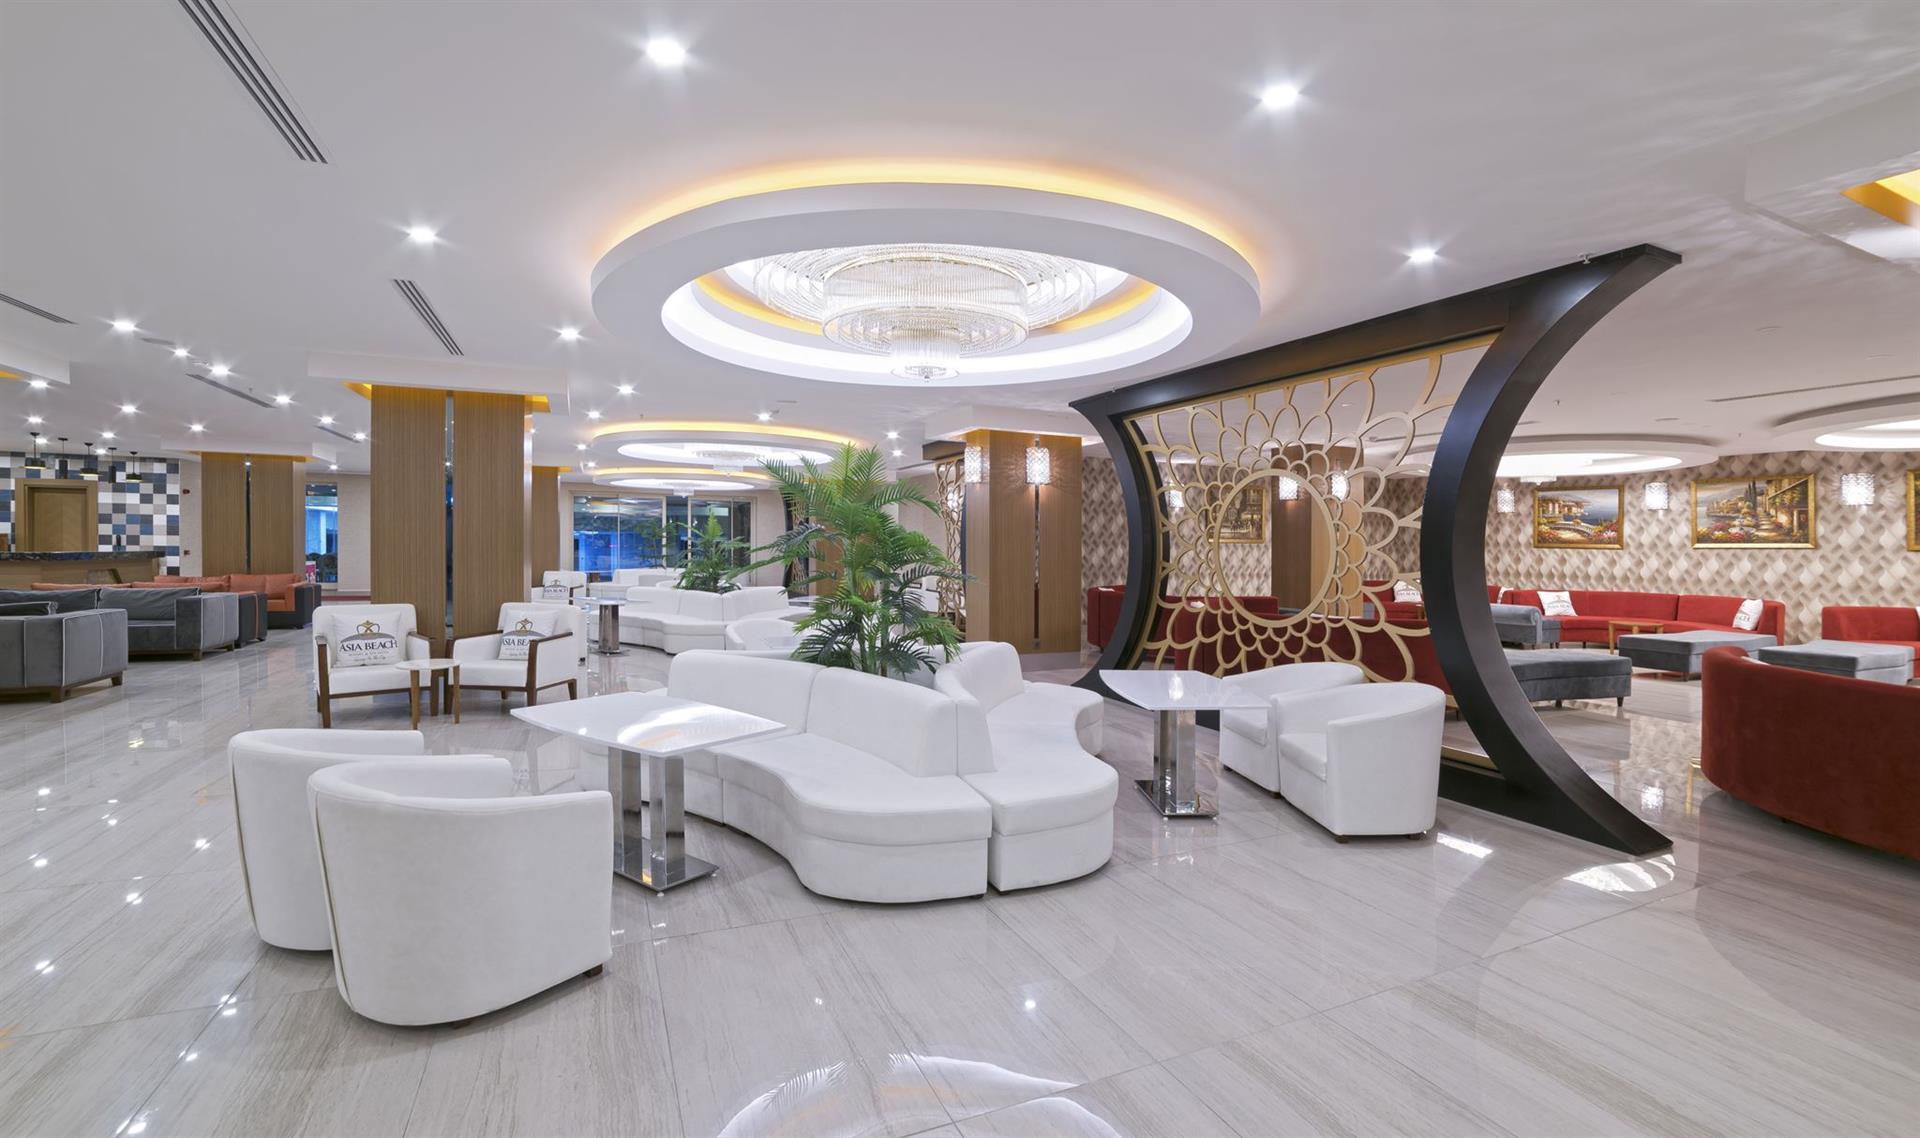 Фото нового отеля в Турции Asia Beach Resort & Spa Hotel 5* Алания, дизайн